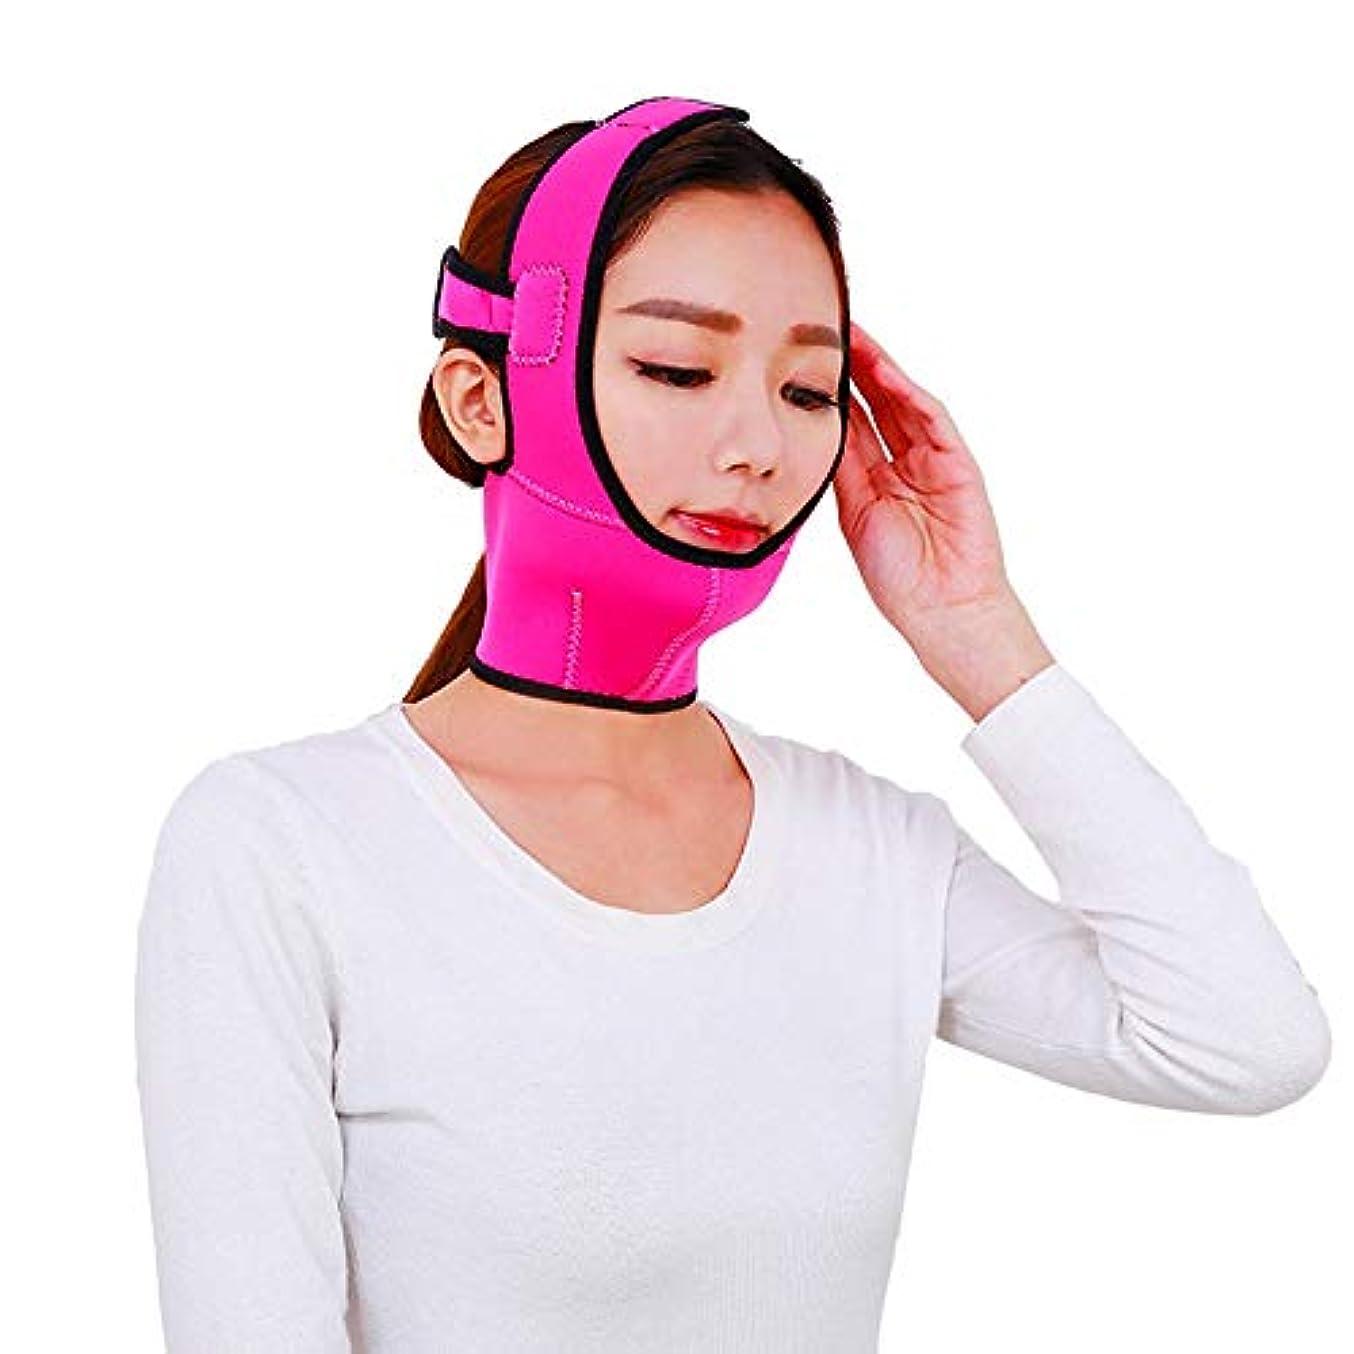 ご注意請求書プレフィックスGYZ フェイシャルリフティング痩身ベルト - 薄いフェイス包帯フェイスマスクベルトフリーフェイシャルマッサージ整形マスクダブルチンワークアウト Thin Face Belt